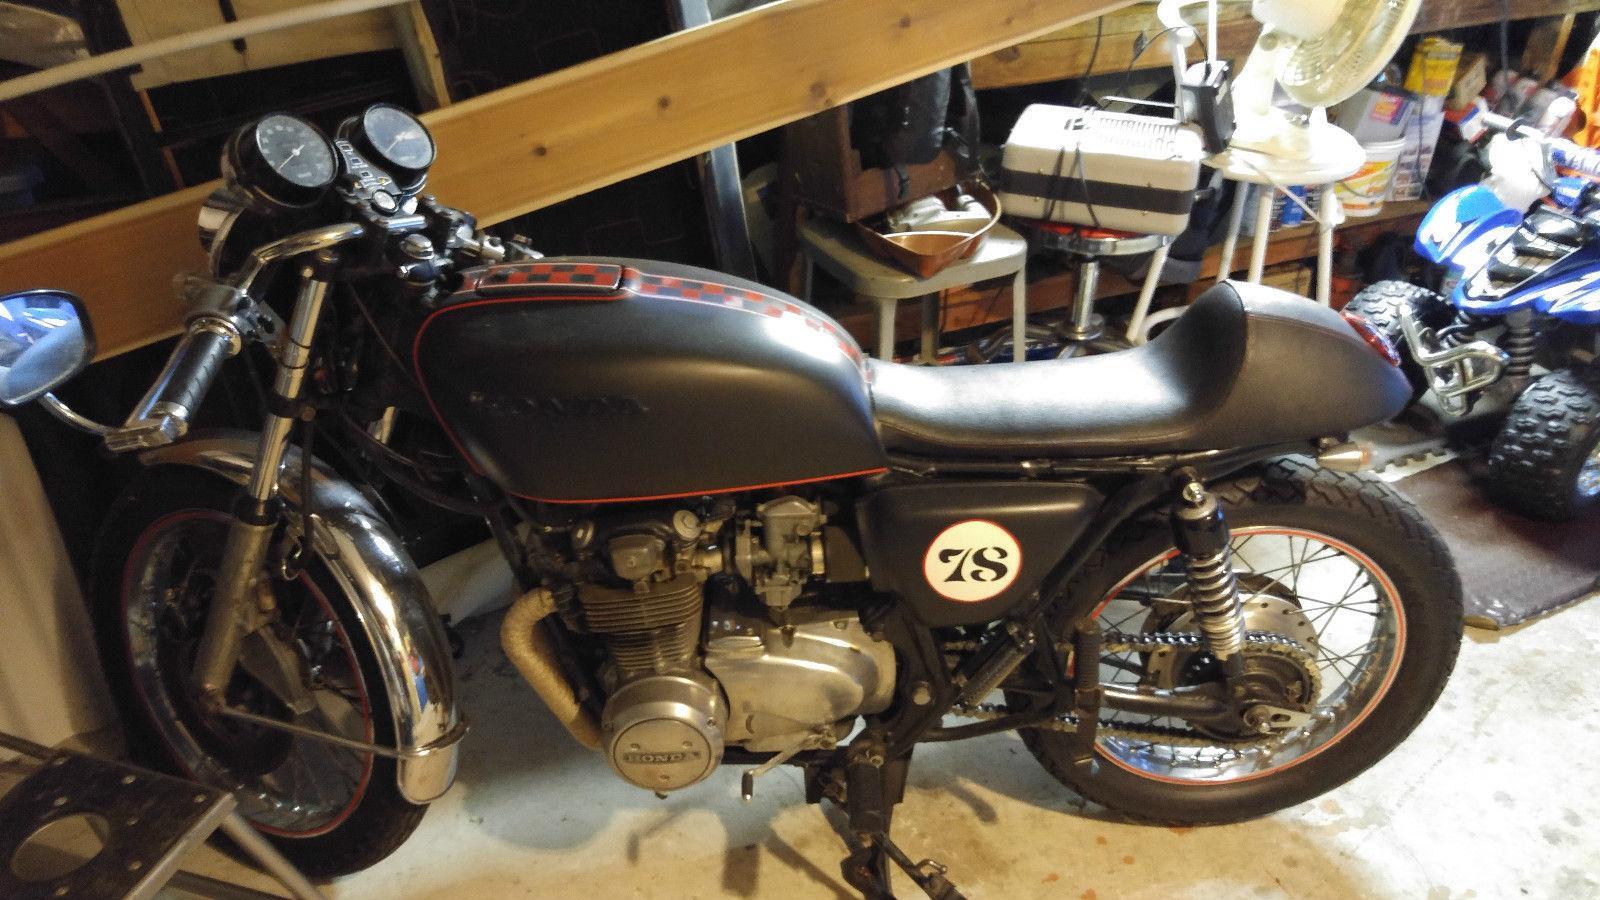 Honda Cb550 For Sale >> 1978 Honda CB550 Cafe Racer for sale